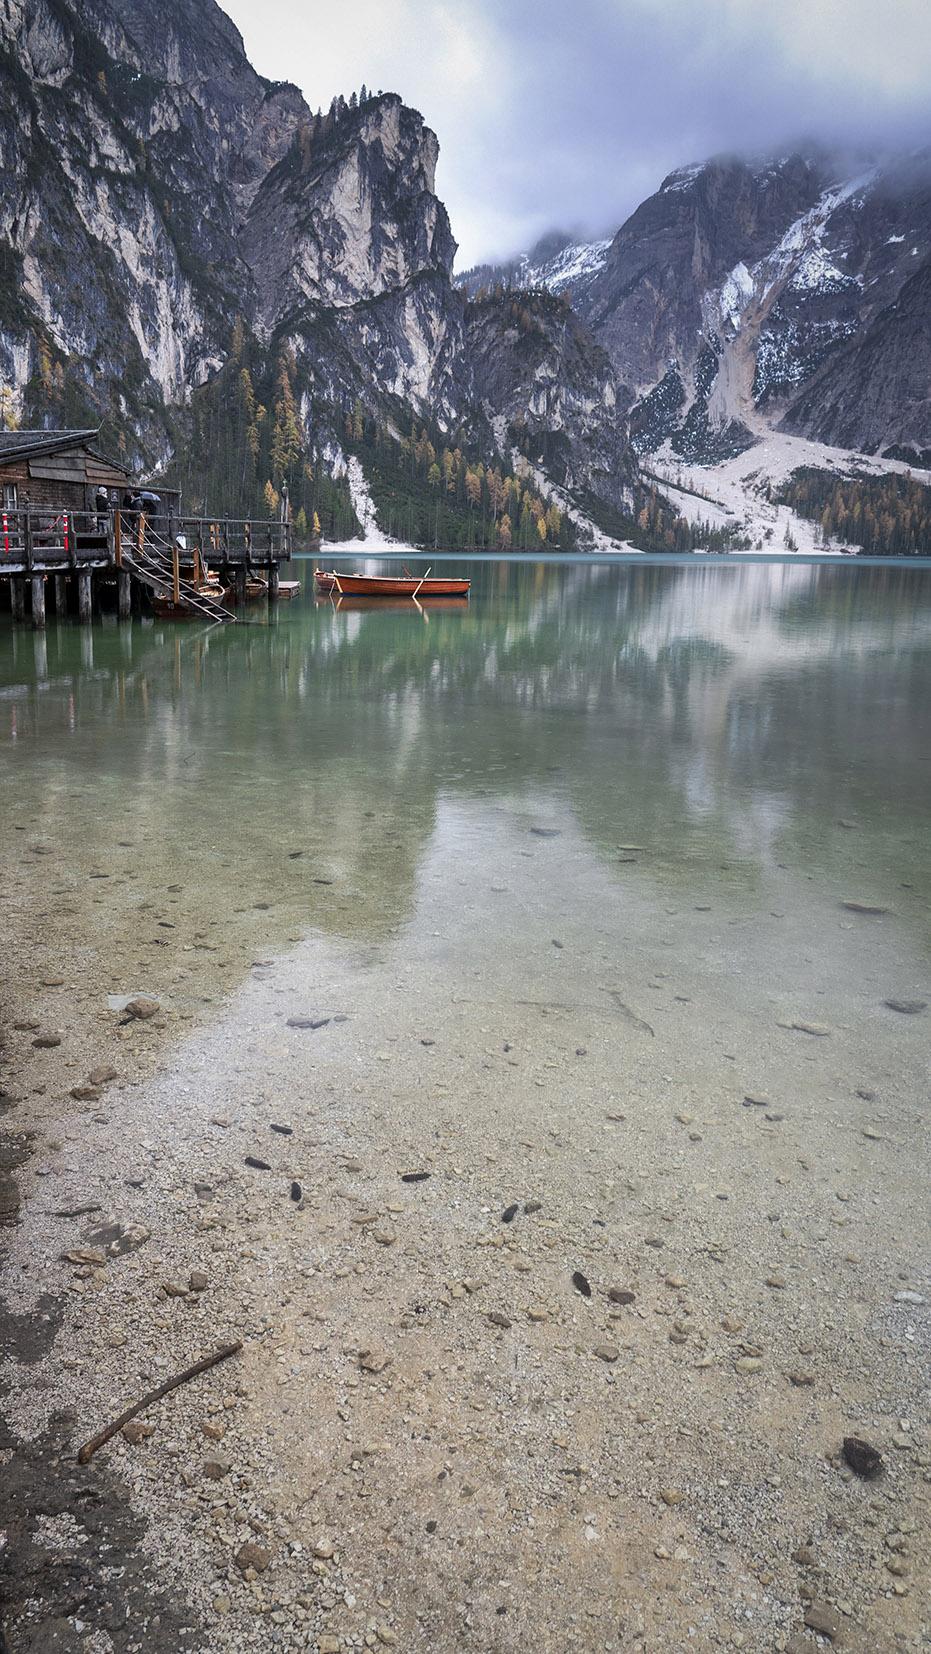 Lago di Braies barque eau cristalline montagnes sapins automne